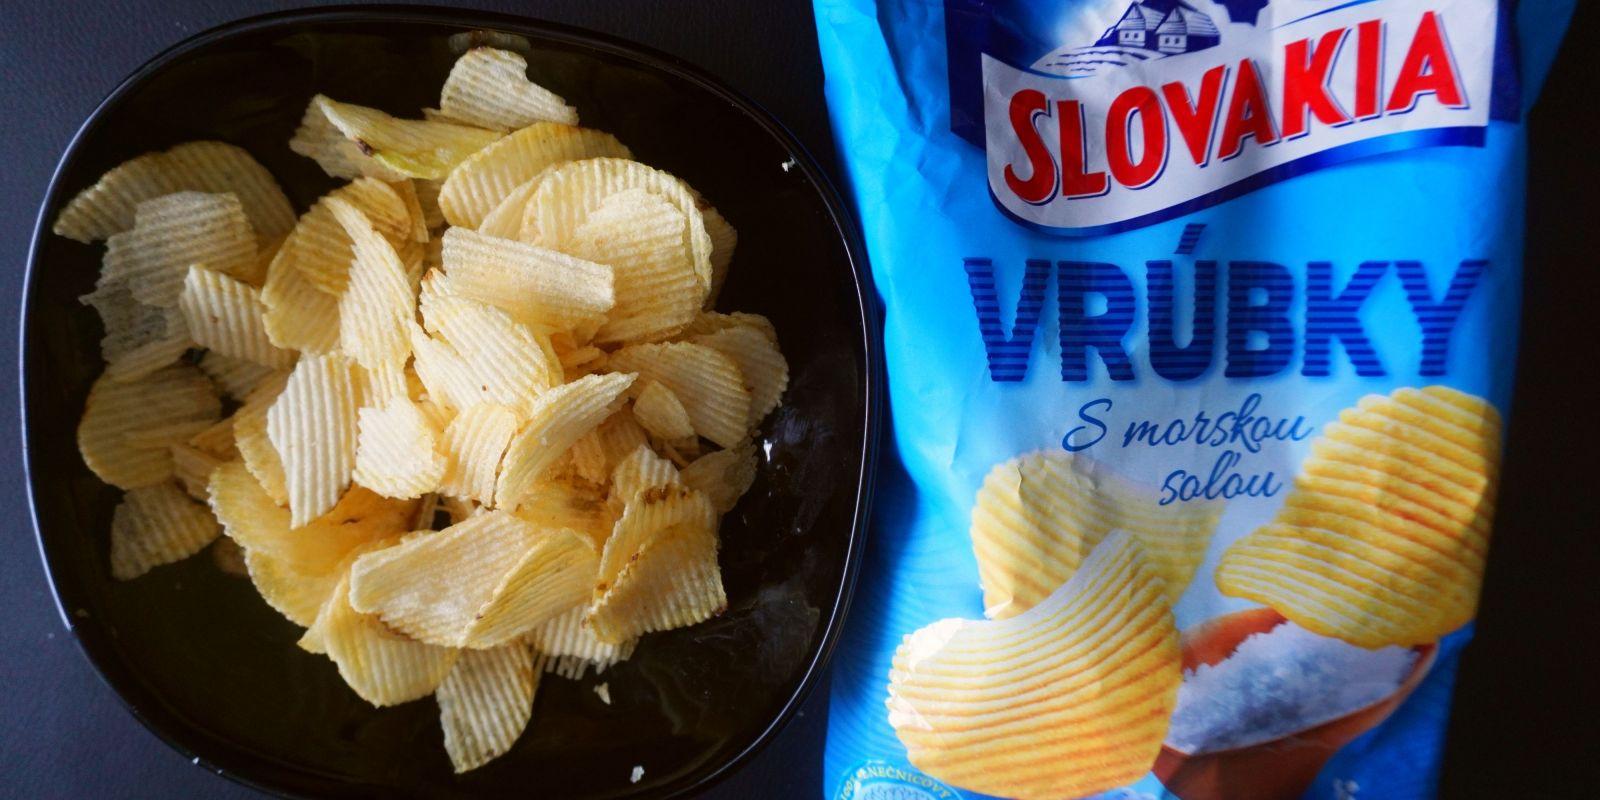 Veľký test čipsov: Sú najlepšie Slovakia, Lay's alebo drahé snacky z Yeme?